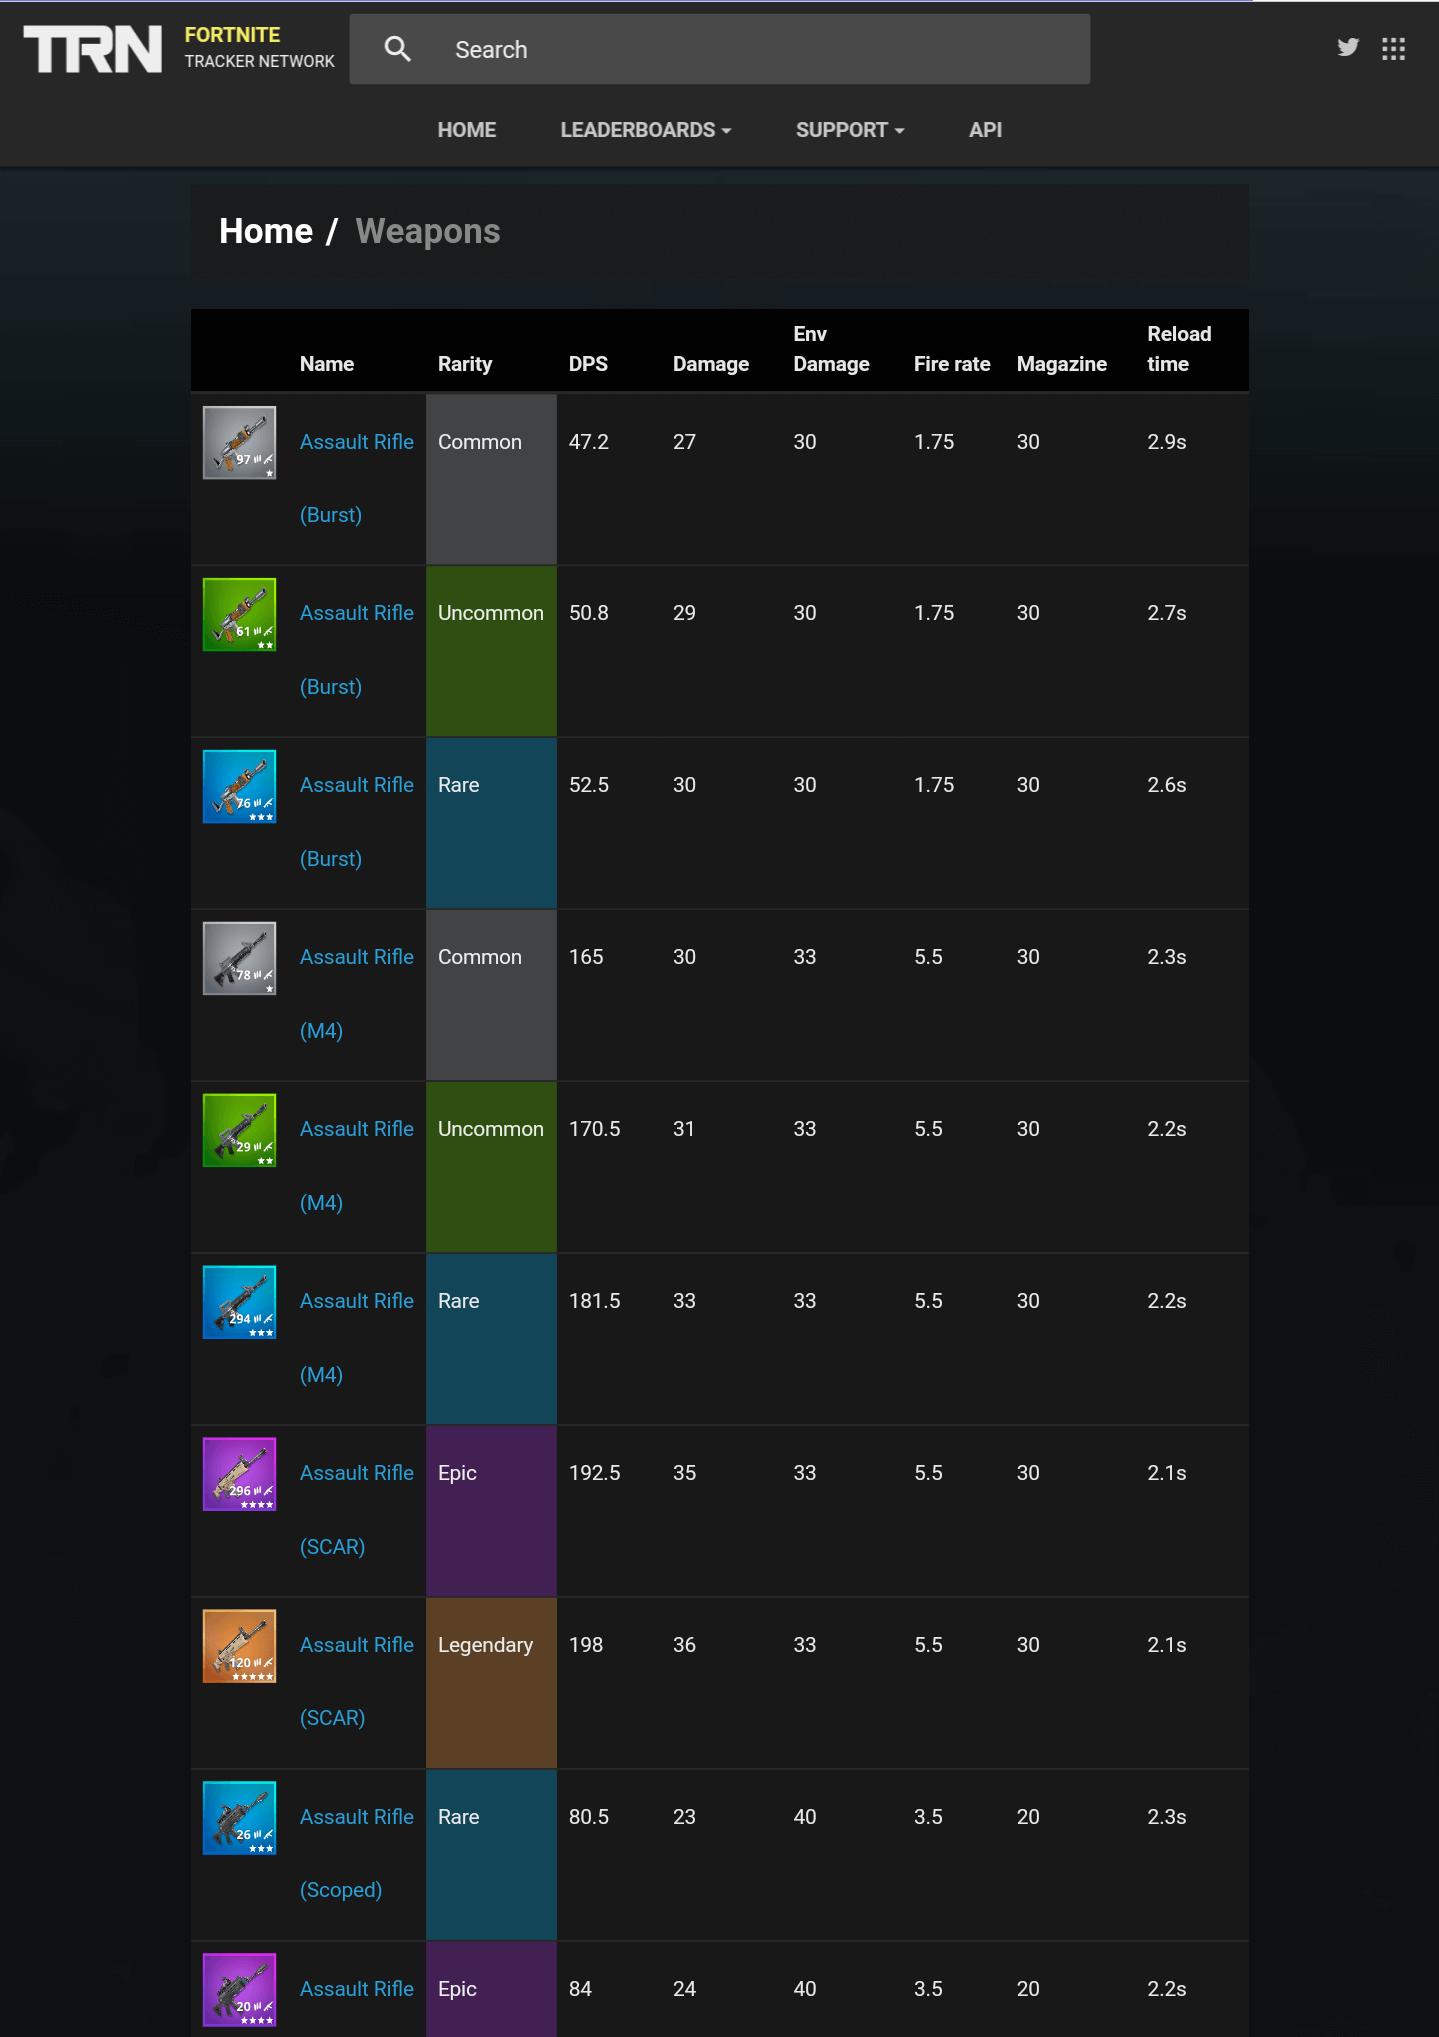 Fortnite tracker username